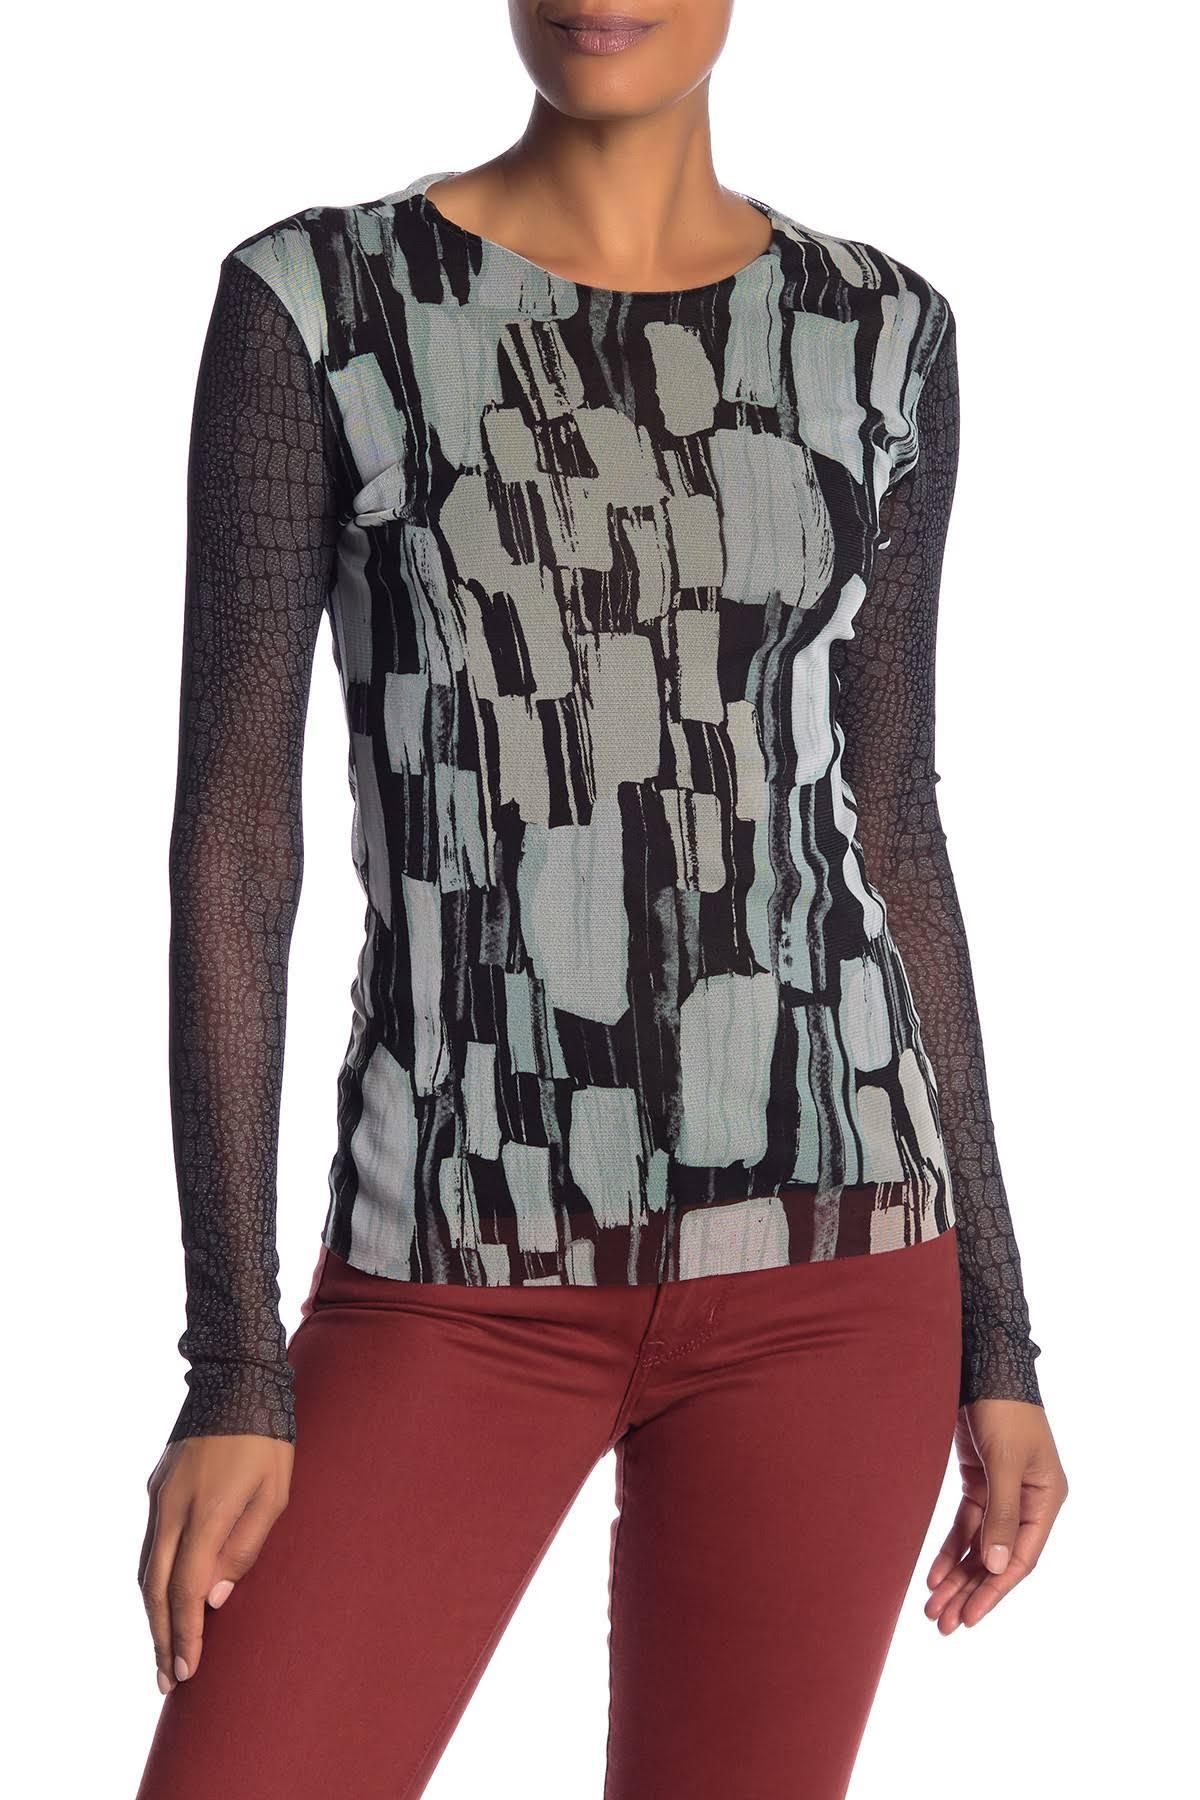 Langarmshirt Blusen Und Rack Petit Viviana Milky By Hemden L Pois Bei G Nordstrom Damen Way wOOp7Iq